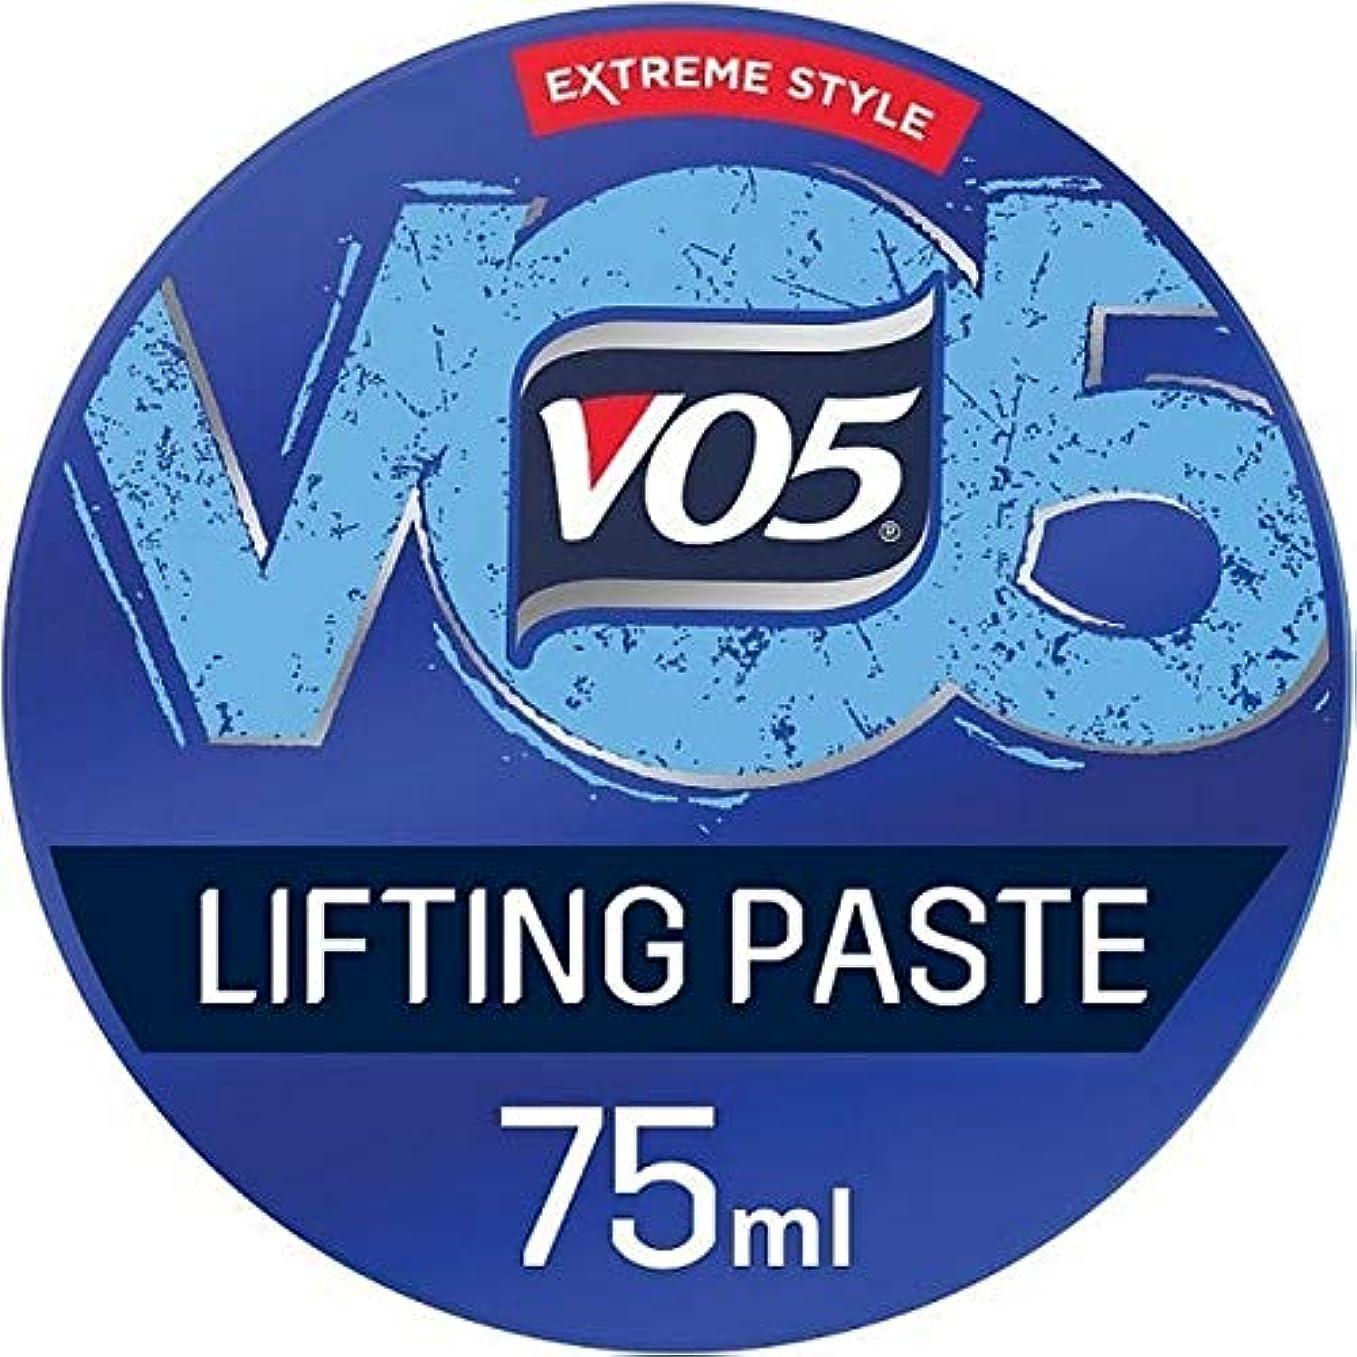 統計ジョセフバンクス方程式[VO5] Vo5極端なスタイルリフティングペースト75ミリリットル - VO5 Extreme Style Lifting Paste 75ml [並行輸入品]